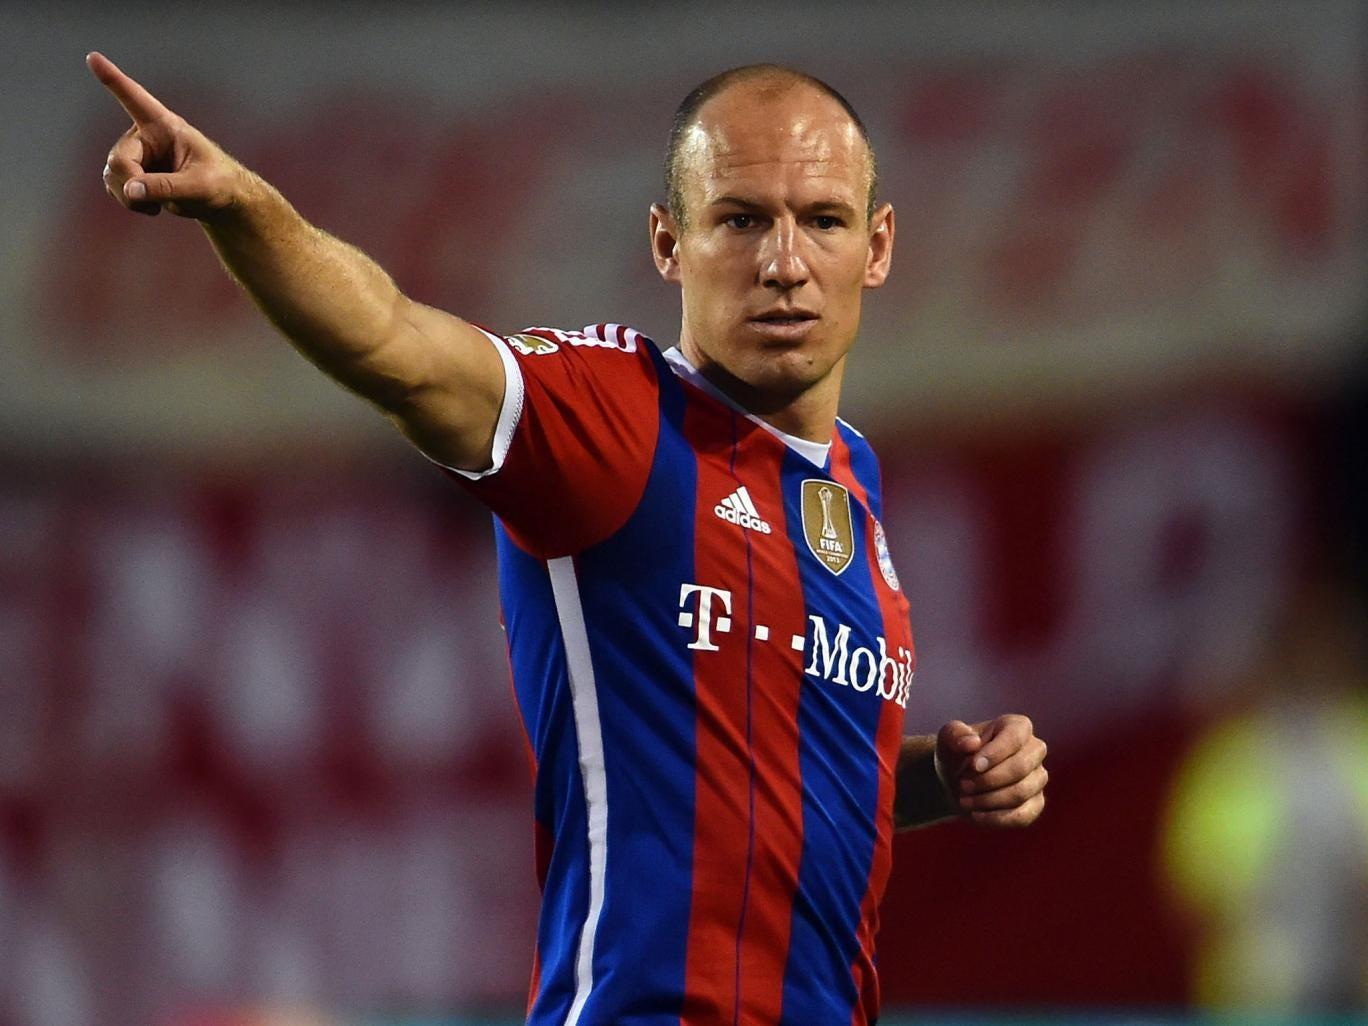 All eyes will be on Arjen Robben's Bayern Munich